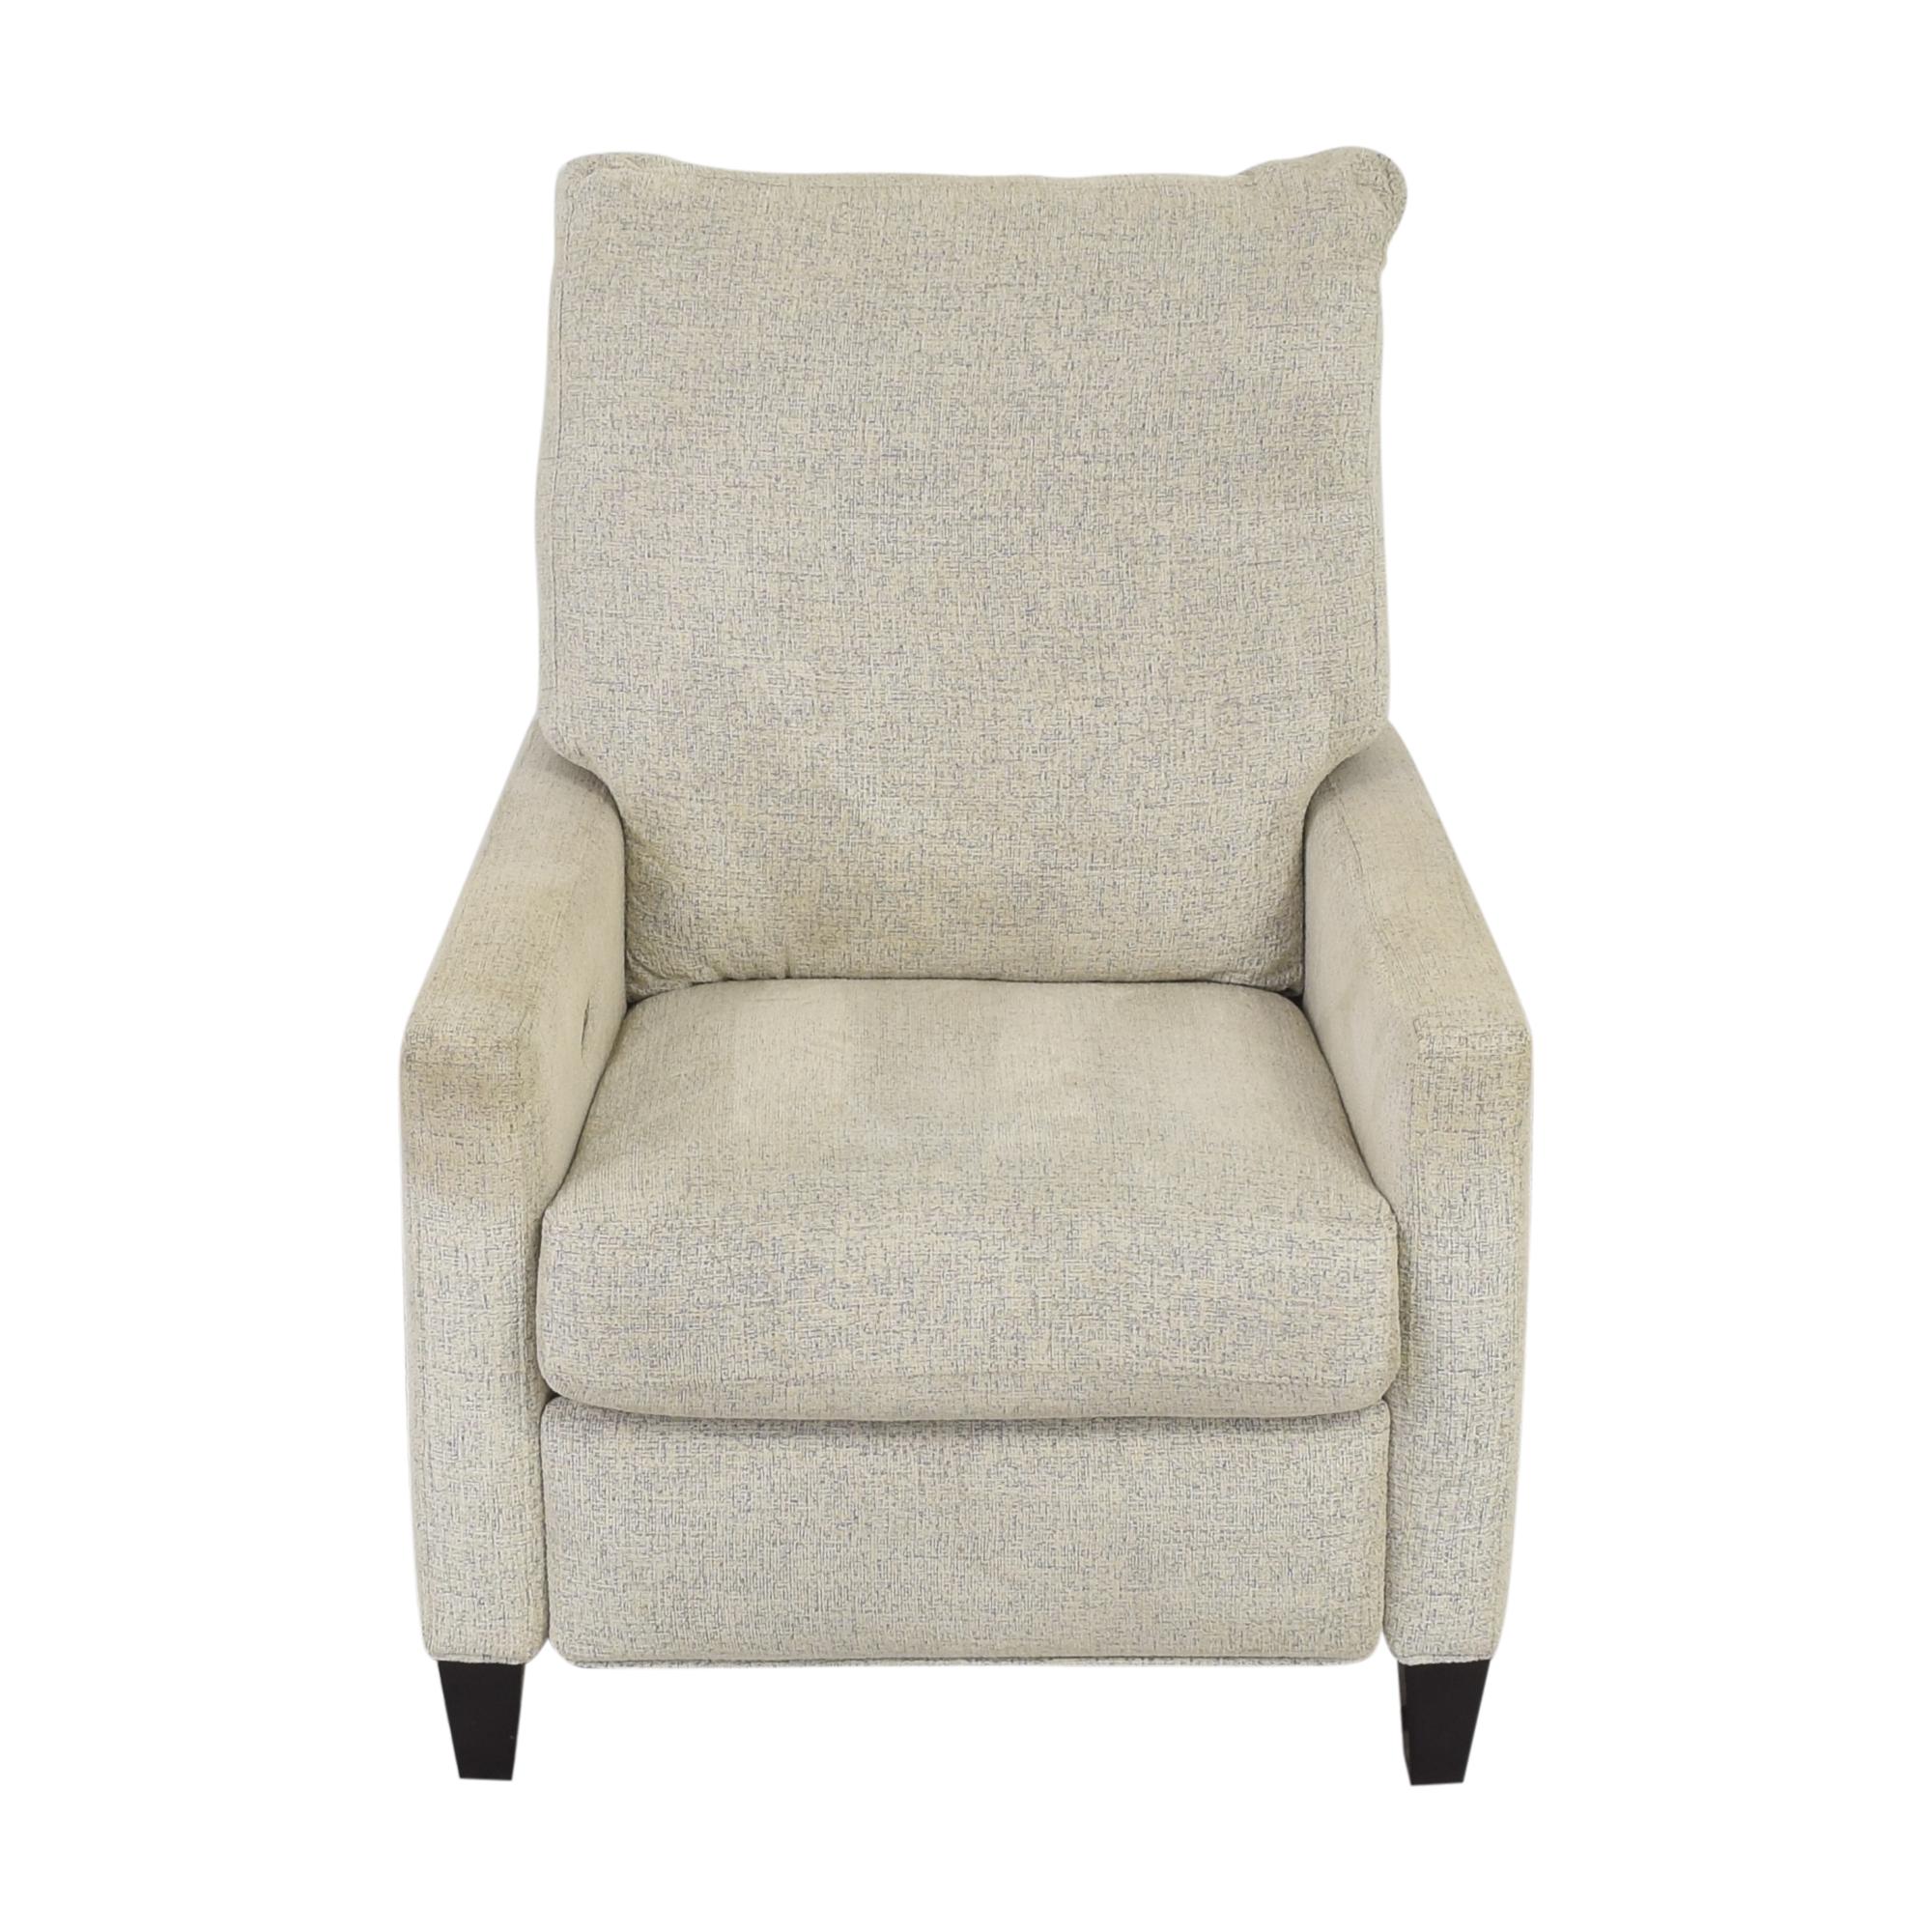 buy Bloomingdale's Sophie Power-Recliner Chair Bloomingdale's